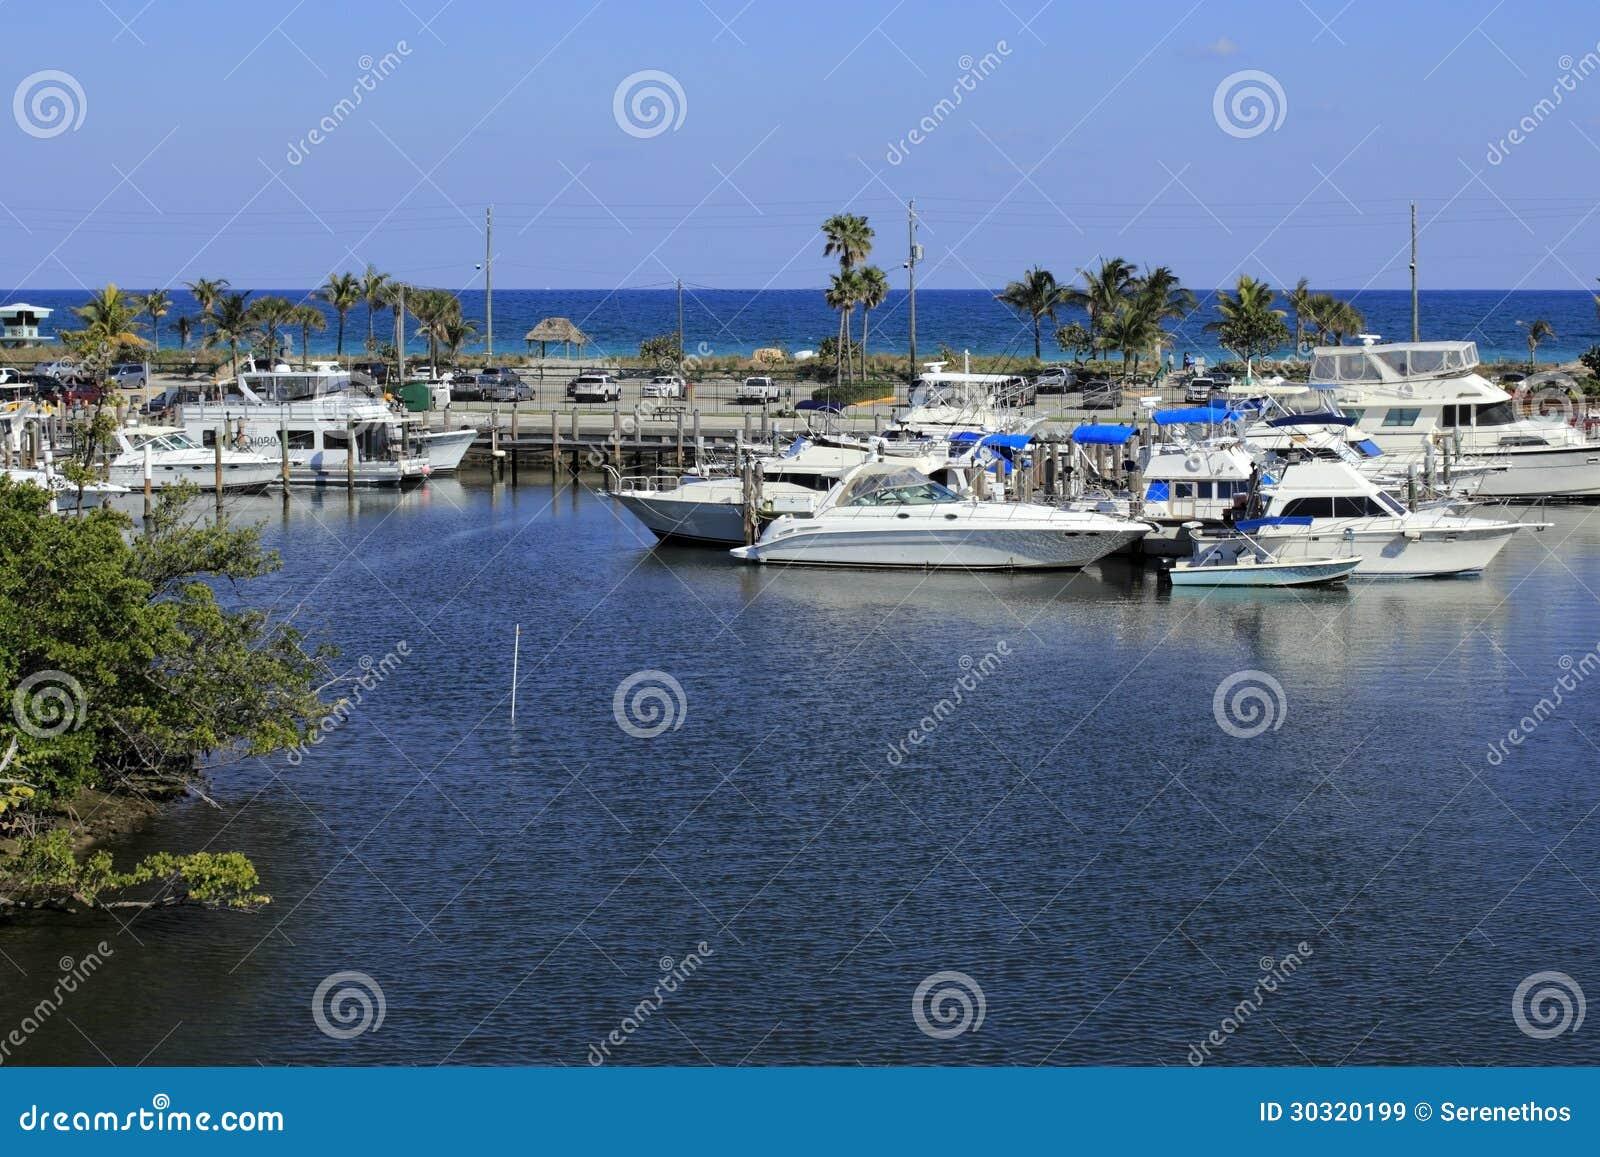 Dania Beach John Lloyd State Park